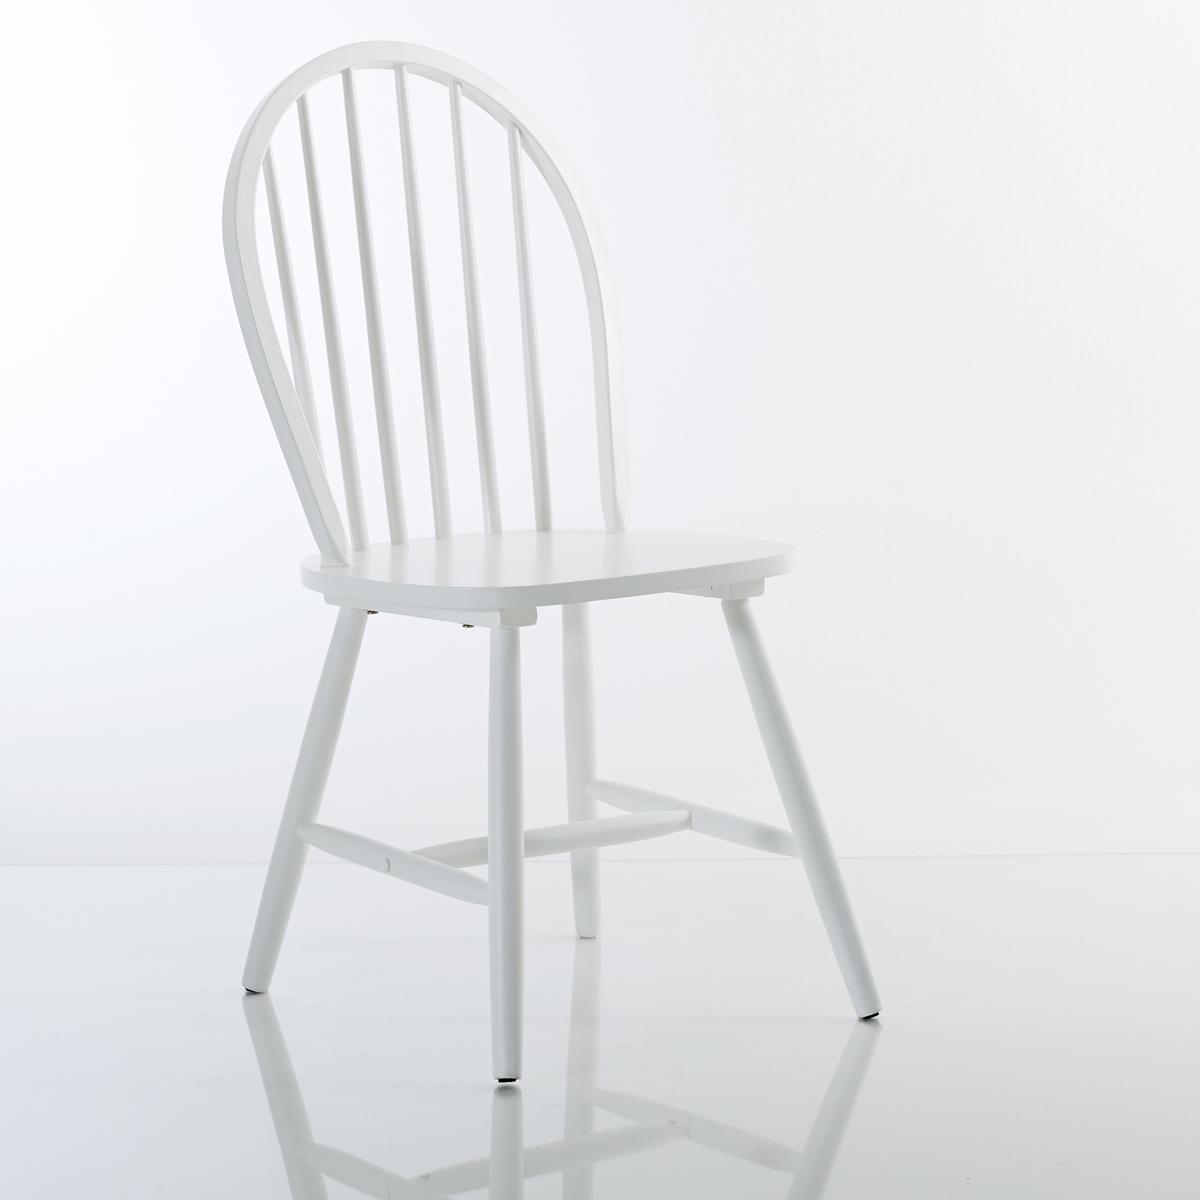 2 стула с решеткой из массива бука, WindsorОписание 2 стульев, Windsor  :Спинка с решеткой .Цельное сиденье .Описание 2 стульев, Windsor :Из натурального массива гельвеи с НЦ-лакировкой.Размеры стула, Windsor :Ширина : 45,8 см .Высота : 94 см.Глубина : 50,9 см .Сиденье : 44,5 x 45 x 42,8 см .Размеры и вес ящика : 2 стула с 1 ящиком  59 x 50 x 45 см 12,7 кг Доставка :Стулья Windsor продаются готовыми к сборке . Доставка до вашей квартиры  !Внимание   ! Убедитесь, что посылку возможно доставить на дом, учитывая ее габариты .<br><br>Цвет: белый,бирюзовый,серо-бежевый,черный